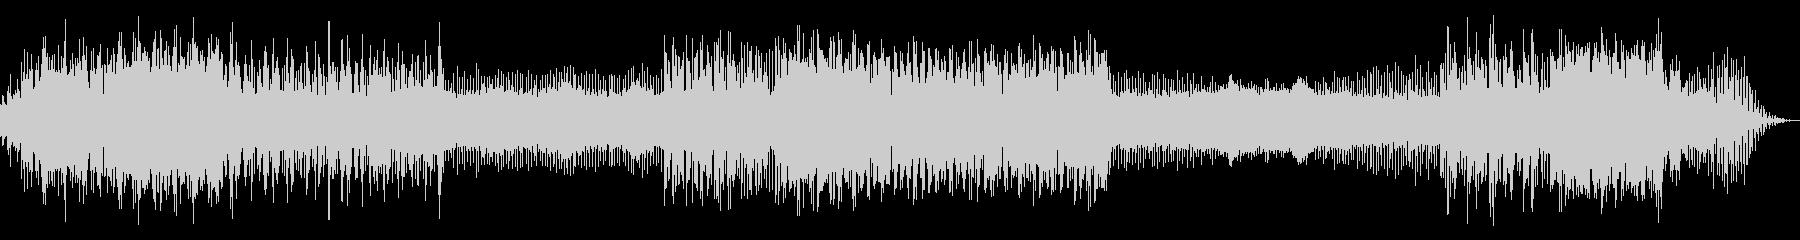 シネマサウンドを意識したアンビエントの未再生の波形